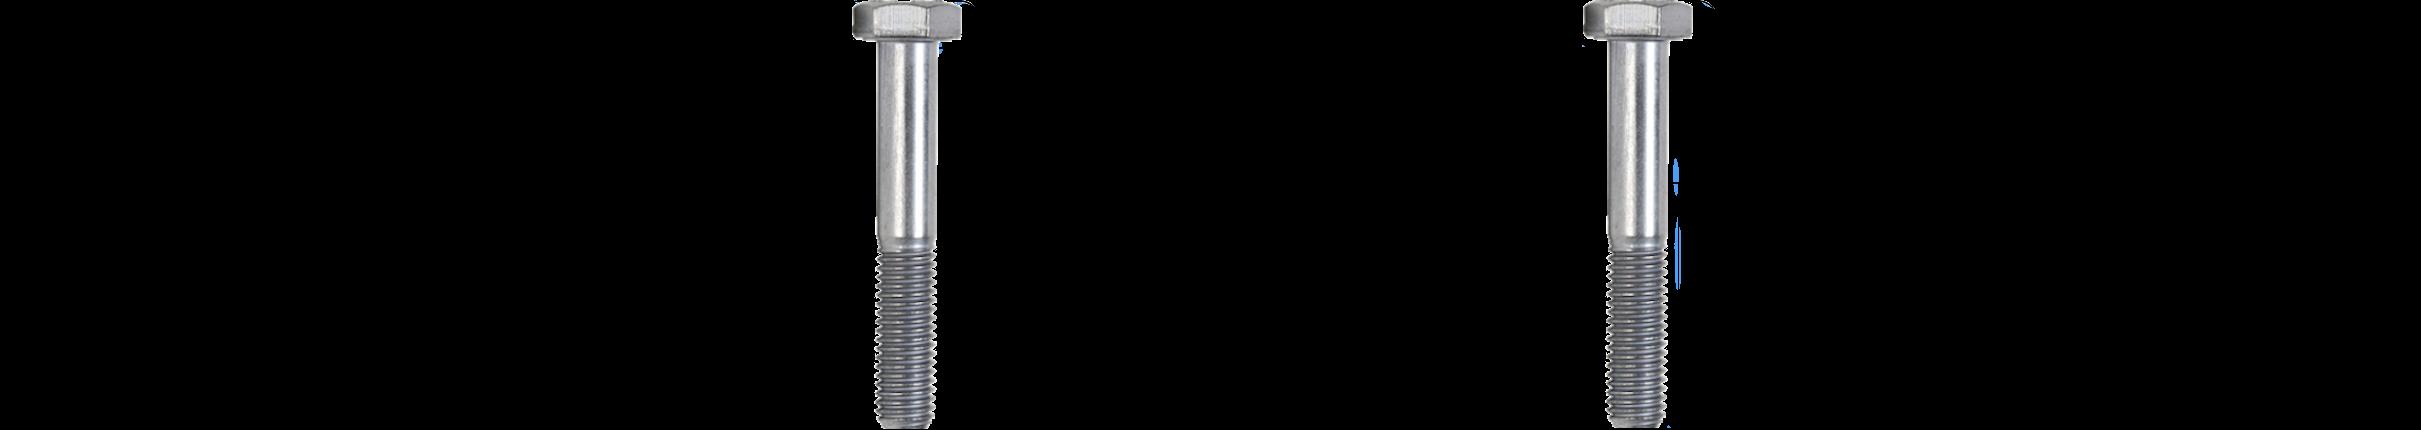 waltmetall